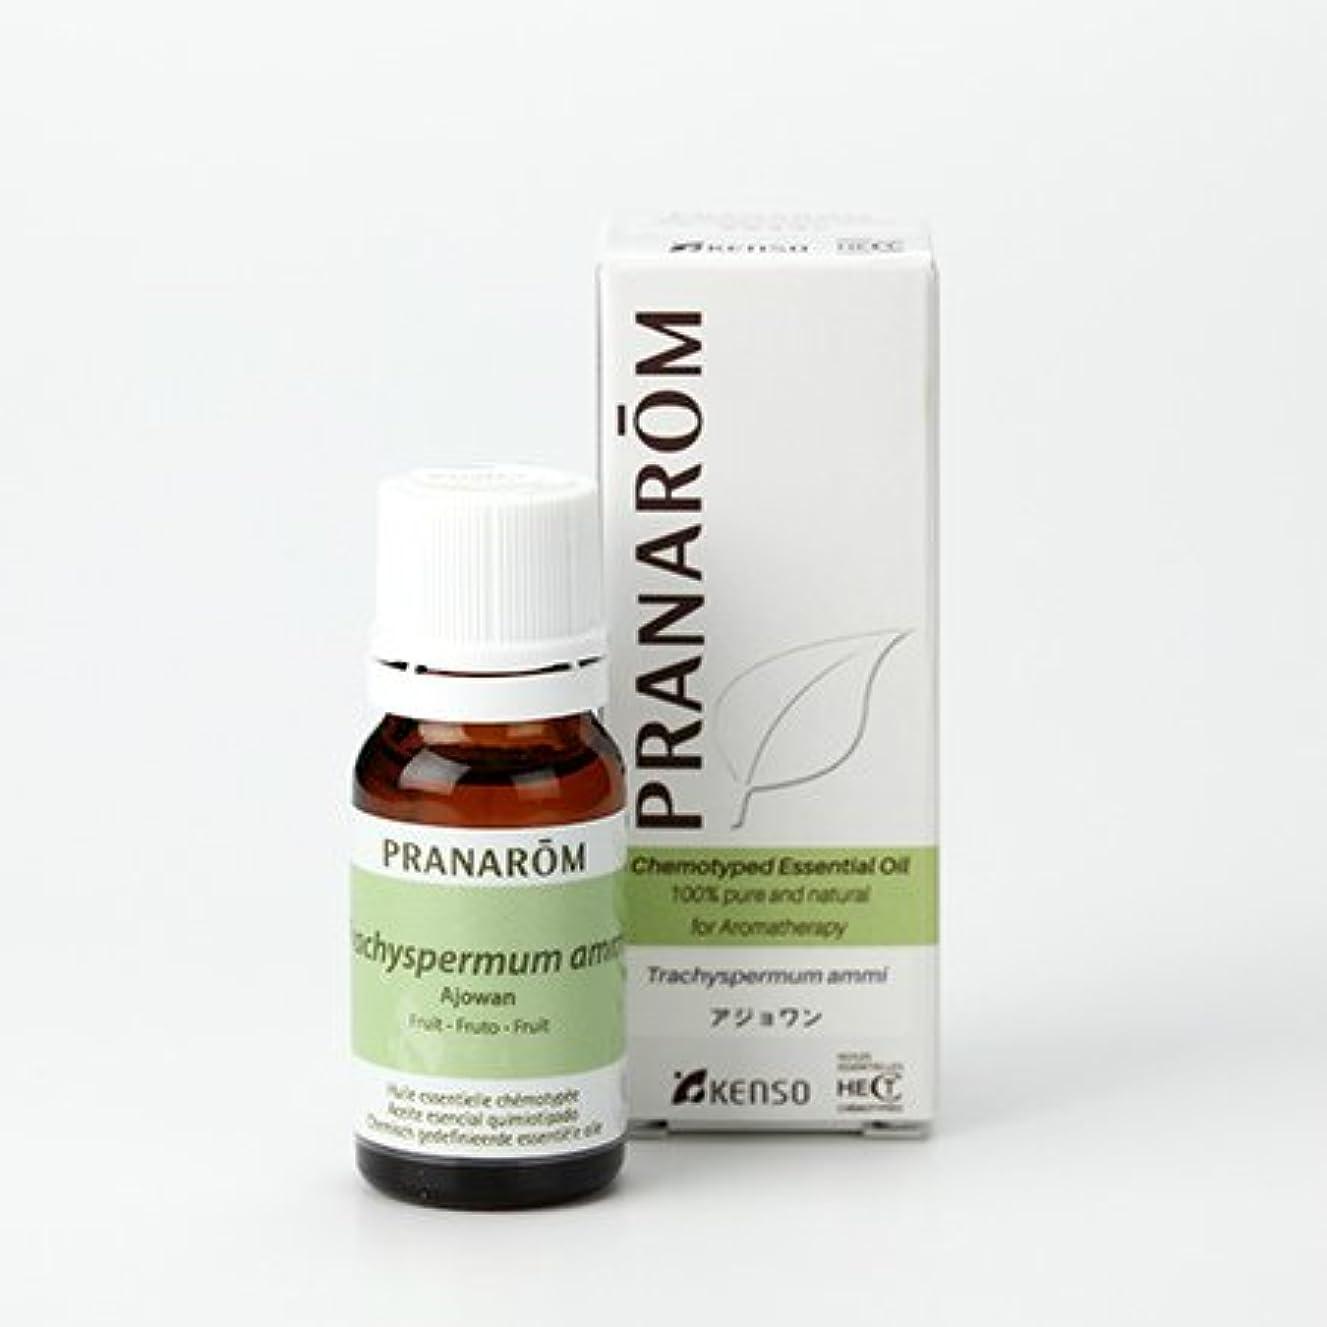 流産投げ捨てるチャレンジプラナロム アジョワン 10ml (PRANAROM ケモタイプ精油)